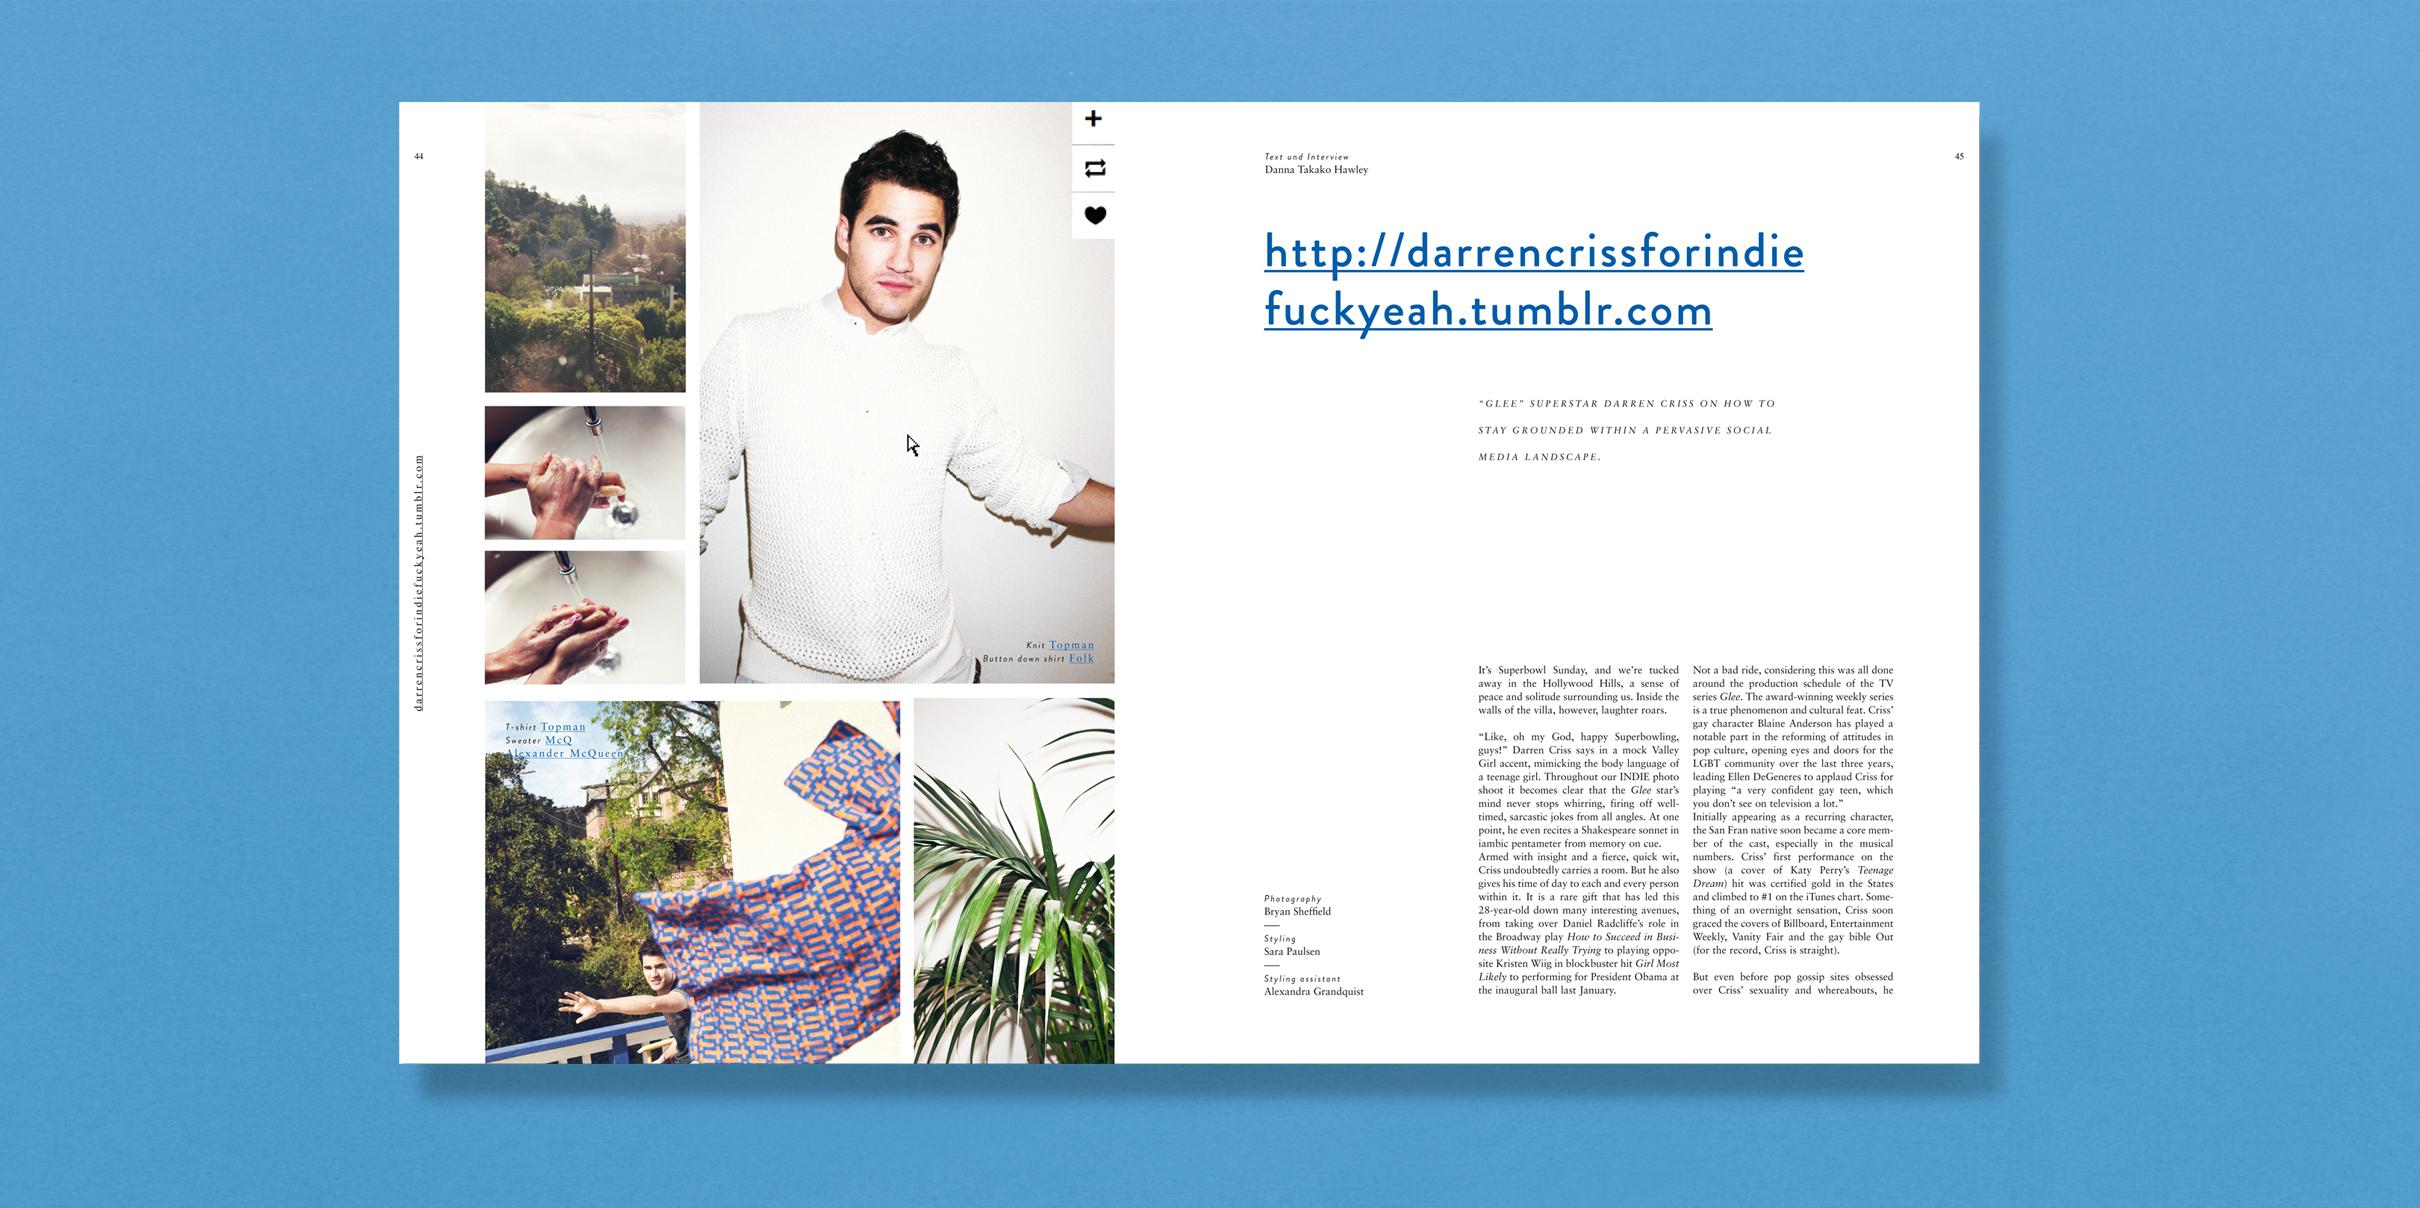 indieonline6.jpg